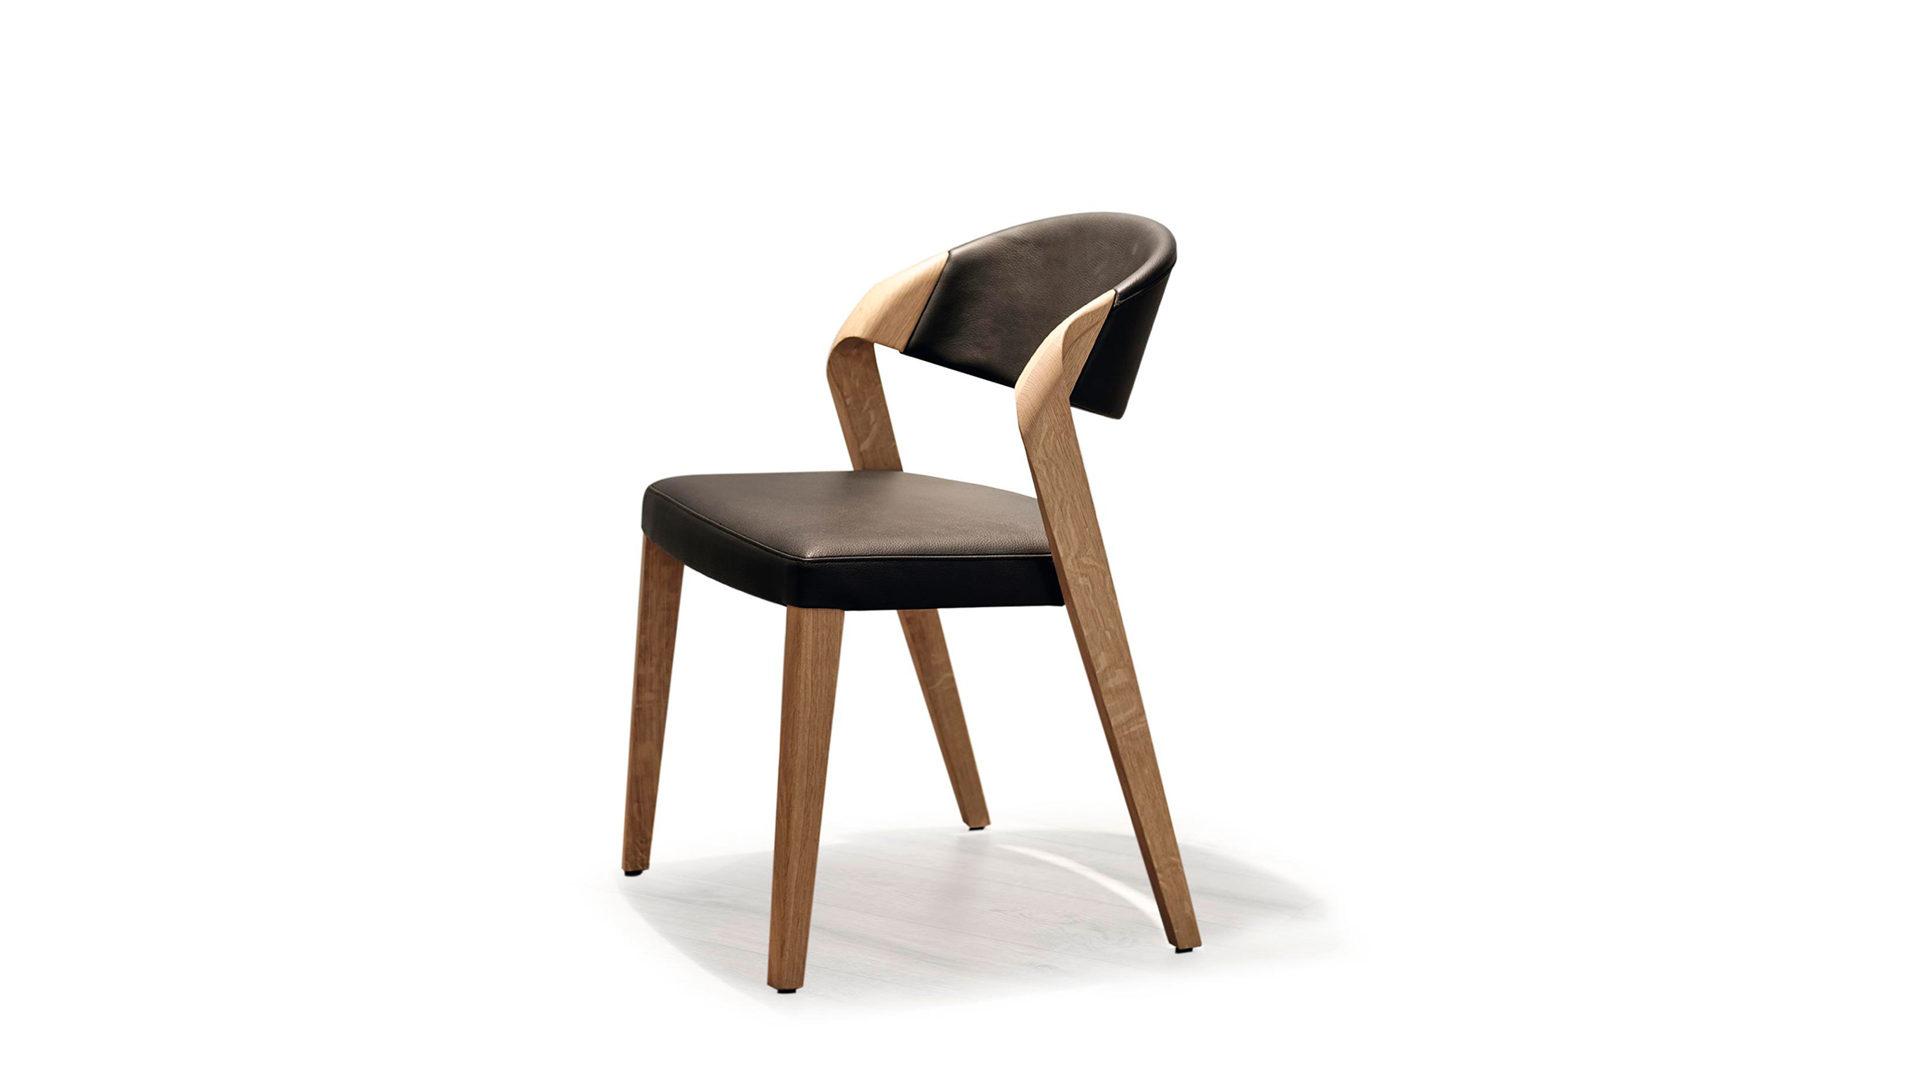 Stühle modern holz  EINRICHTUNGSPARTNERRING, Markenshops, Tische, VOGLAUER, VOGLAUER ...